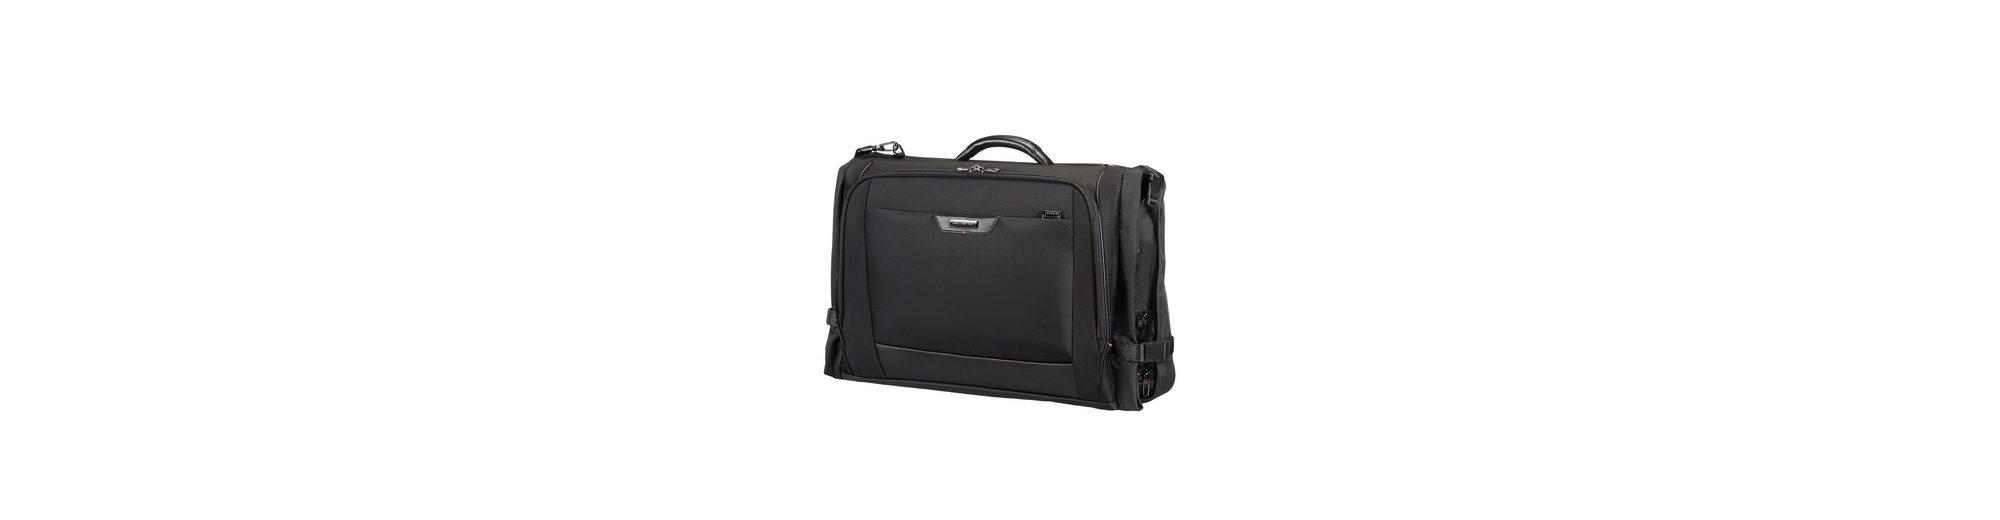 Samsonite Kleidersack mit TSA-Schloss und Schultergurt, »Pro-DLX4«